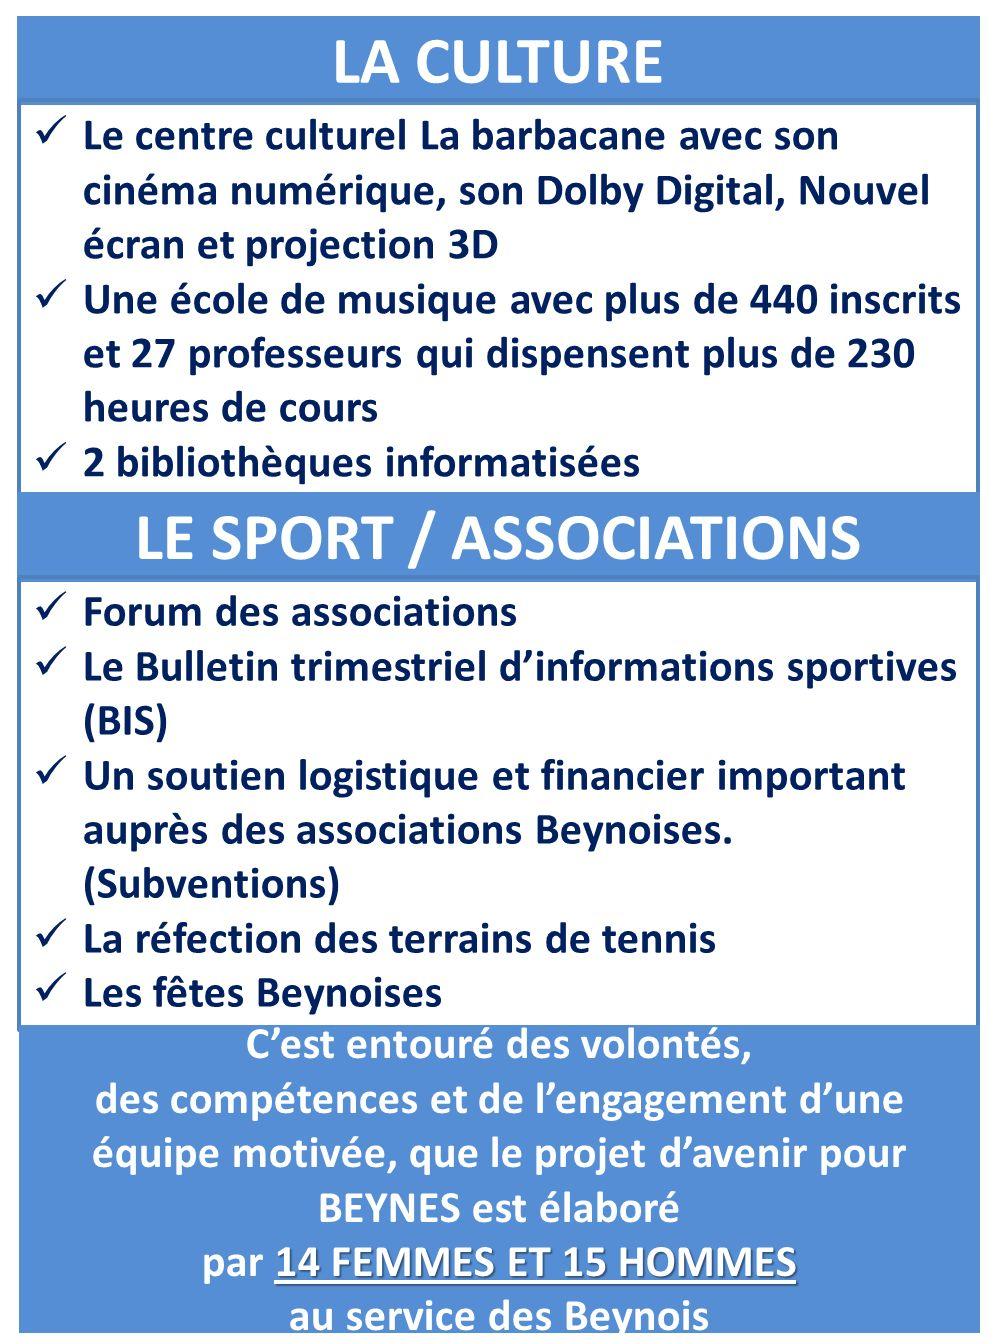 LA CULTURE Le centre culturel La barbacane avec son cinéma numérique, son Dolby Digital, Nouvel écran et projection 3D Une école de musique avec plus